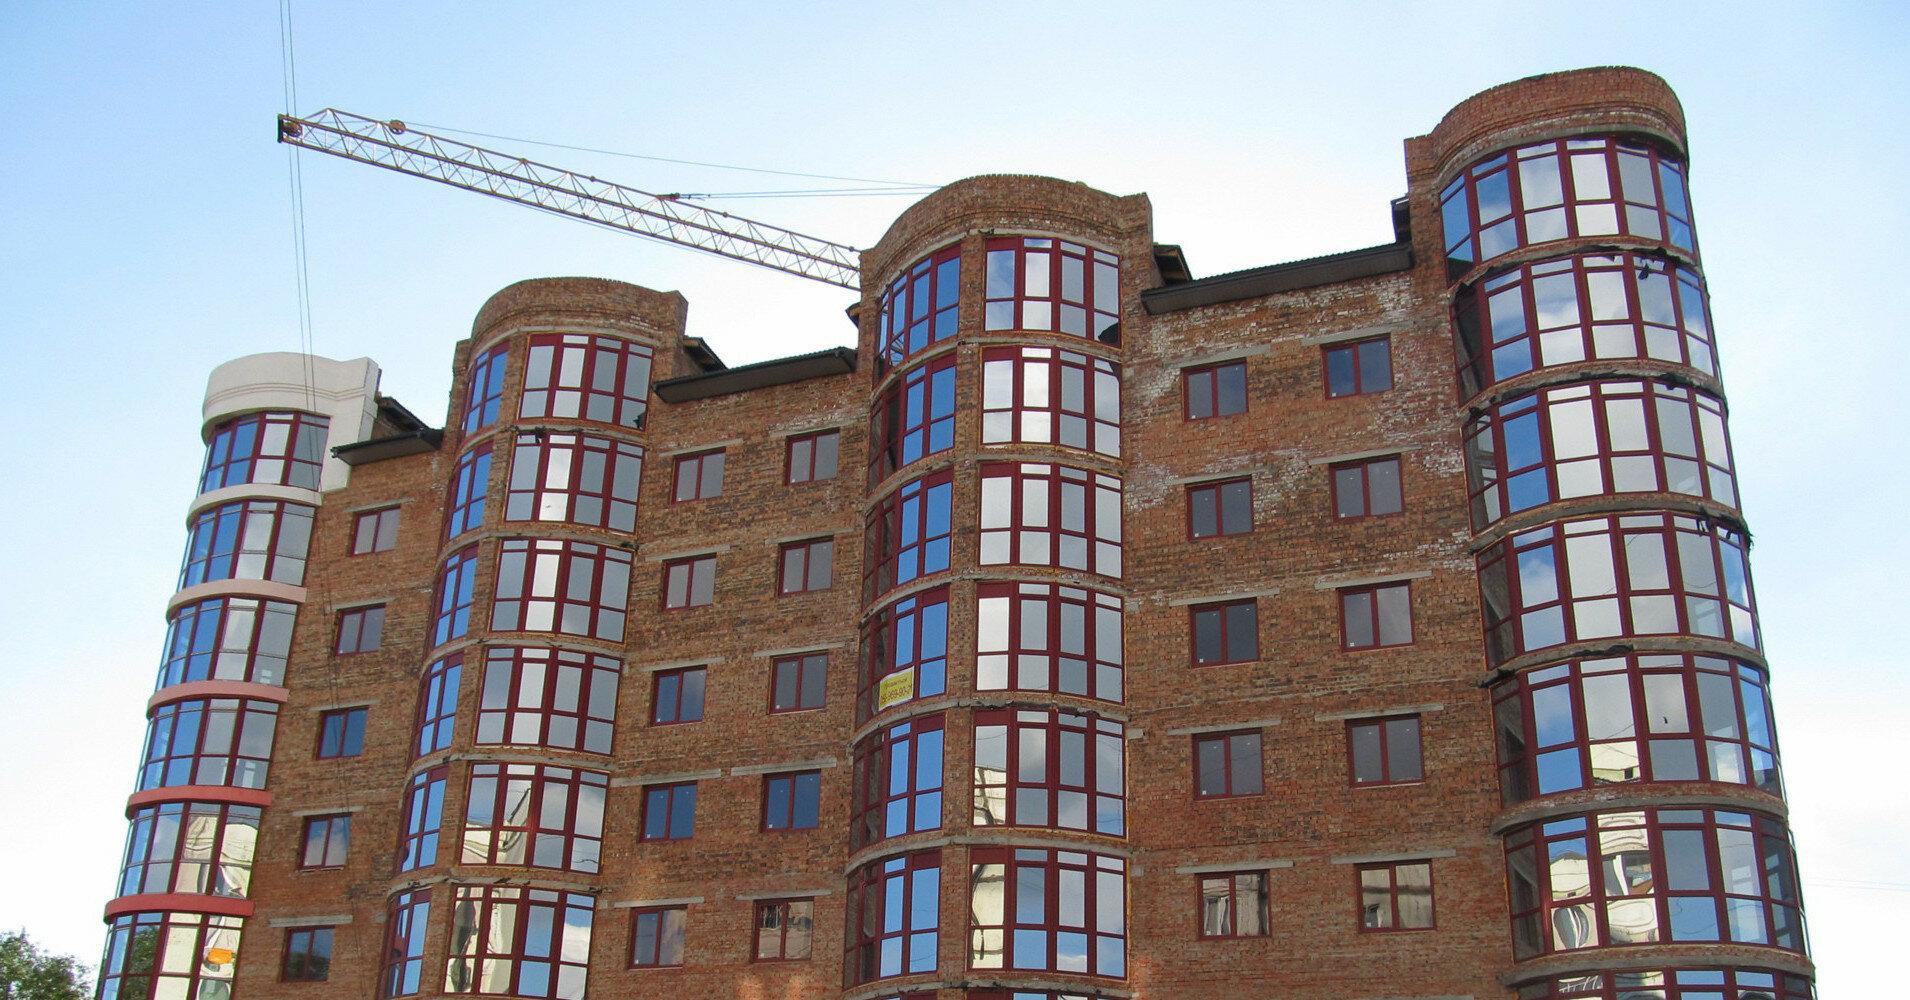 Купить квартиру без помощи банка: решения предлагают застройщики